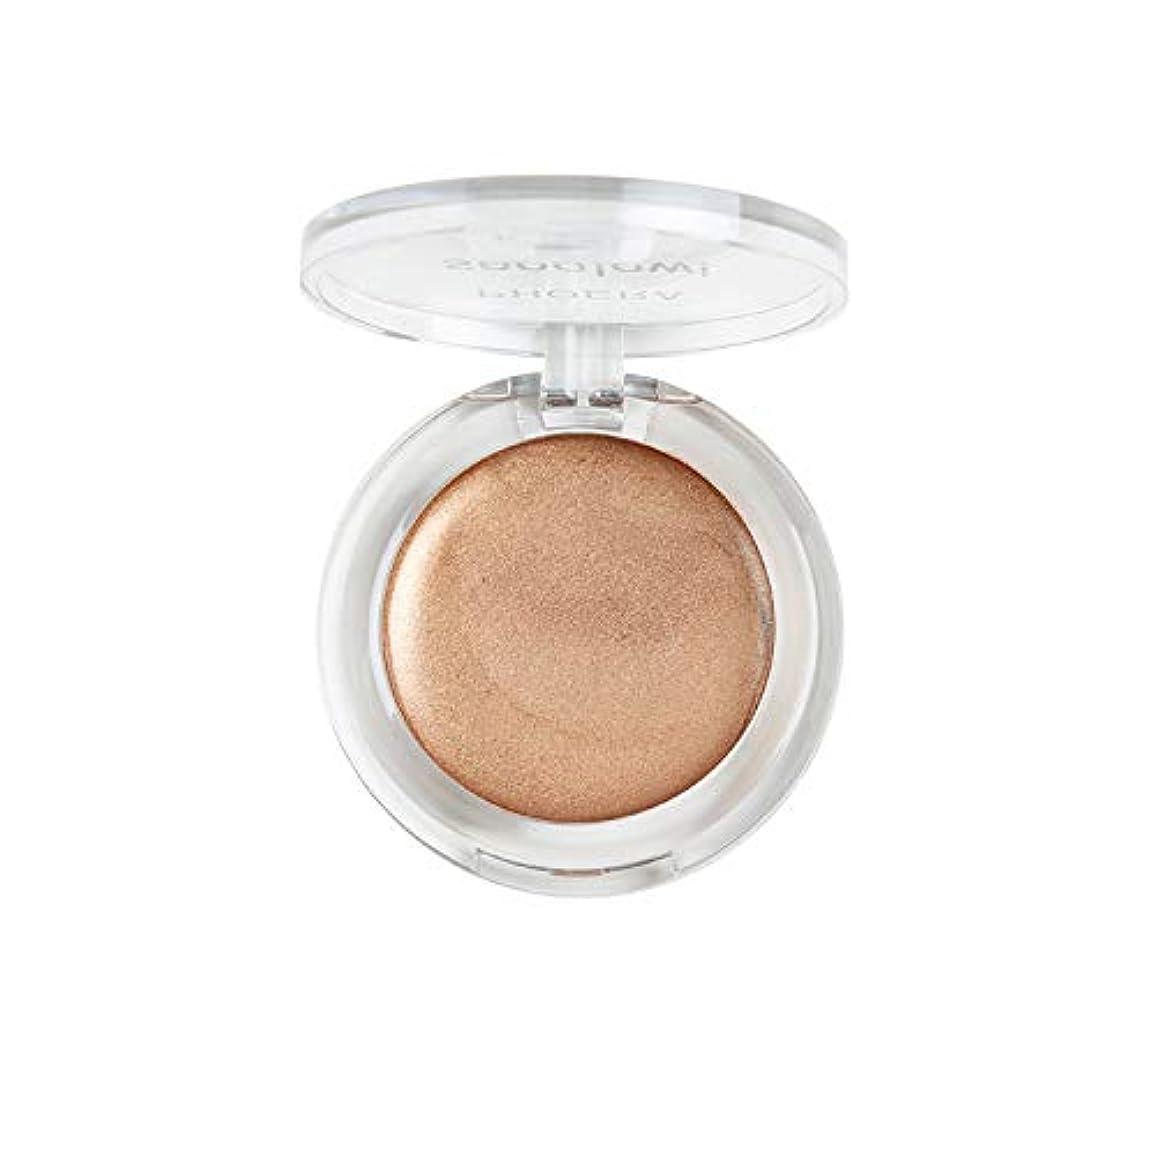 より良い上昇不十分なAkane アイシャドウパレット PHOERA ハイライト 一つだけ 綺麗 輝き クリーム 魅力的 ファッション 人気 ブロンズ 気質的 キラキラ 防水 チャーム おしゃれ 長持ち 持ち便利 Eye Shadow (8色)